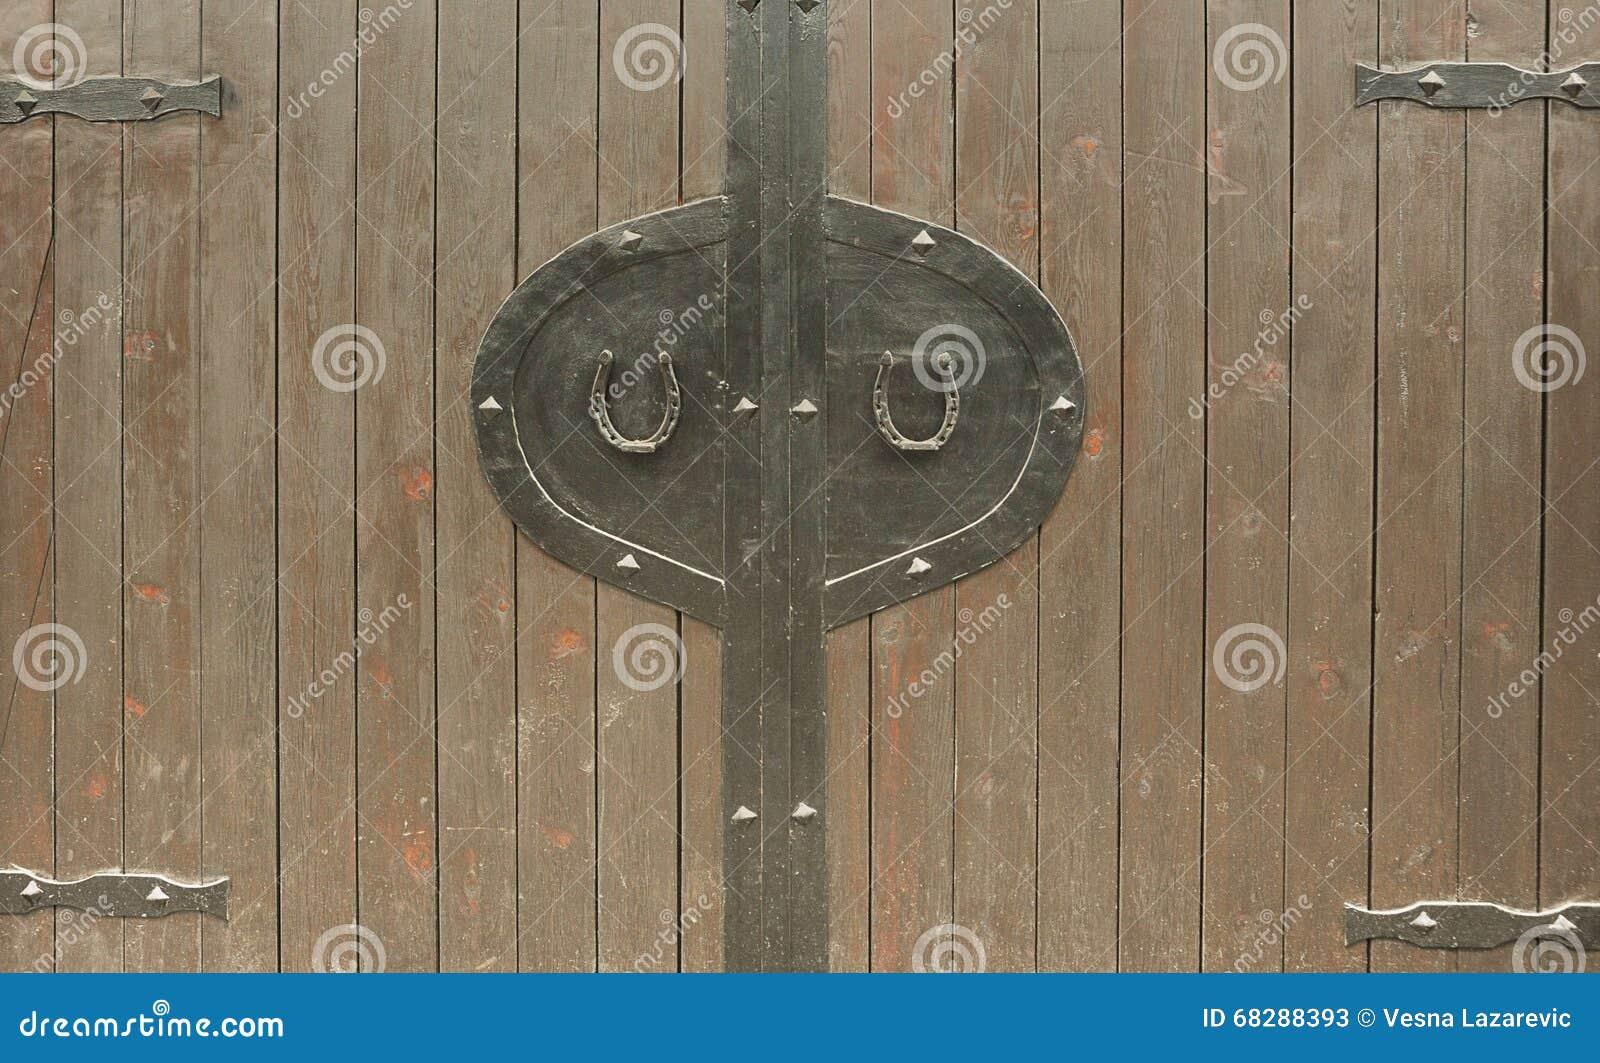 Dos herraduras en la puerta de madera vieja foto de for Puerta vieja madera